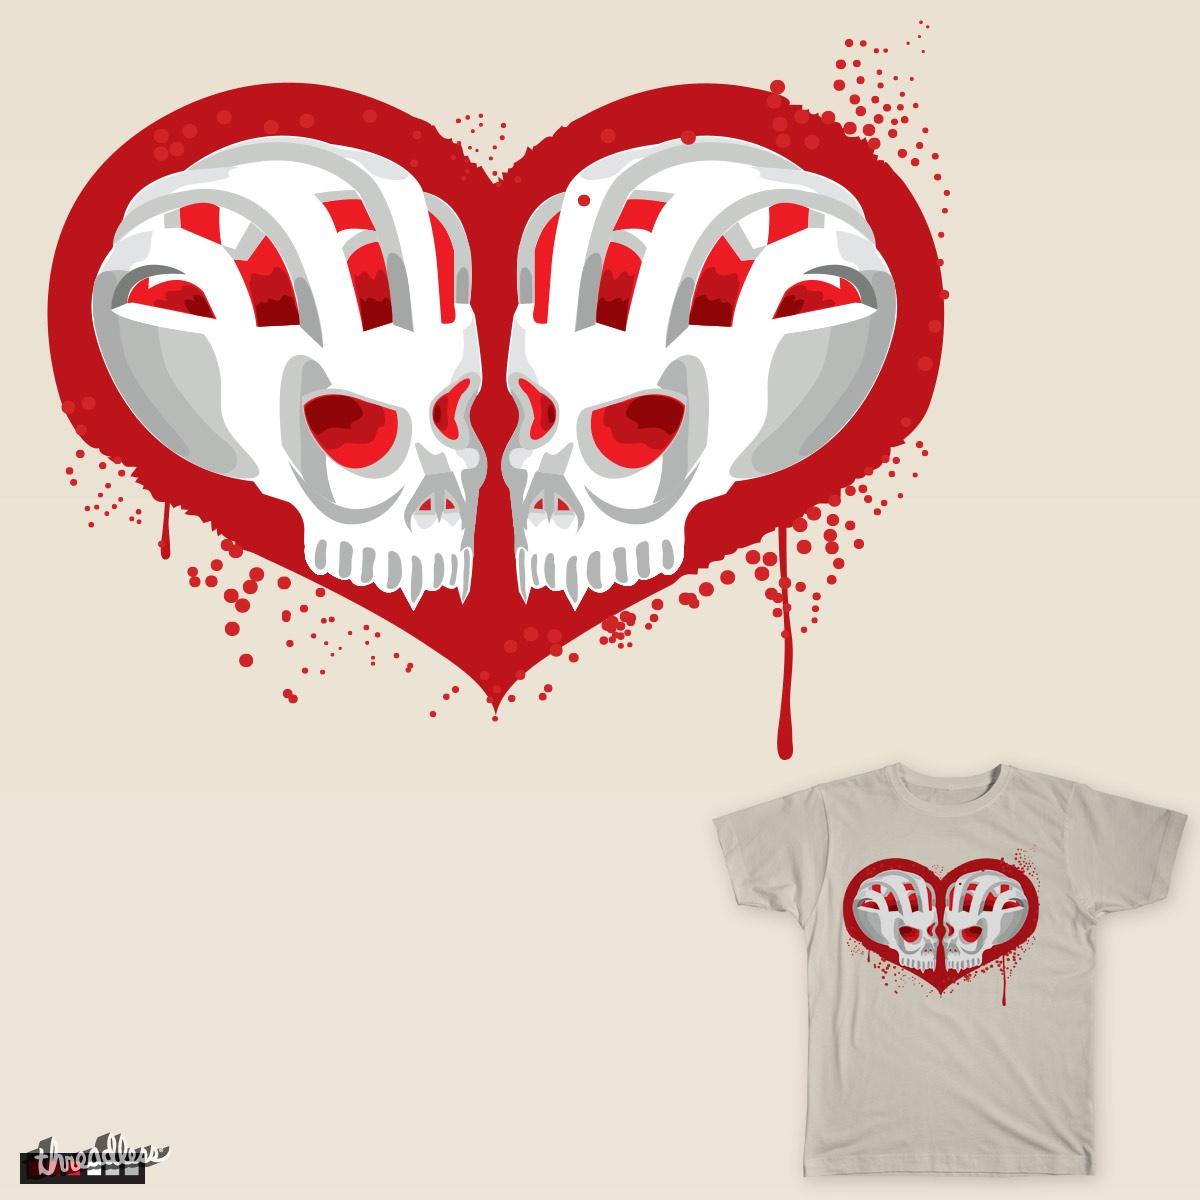 Love Skulls, a cool t-shirt design